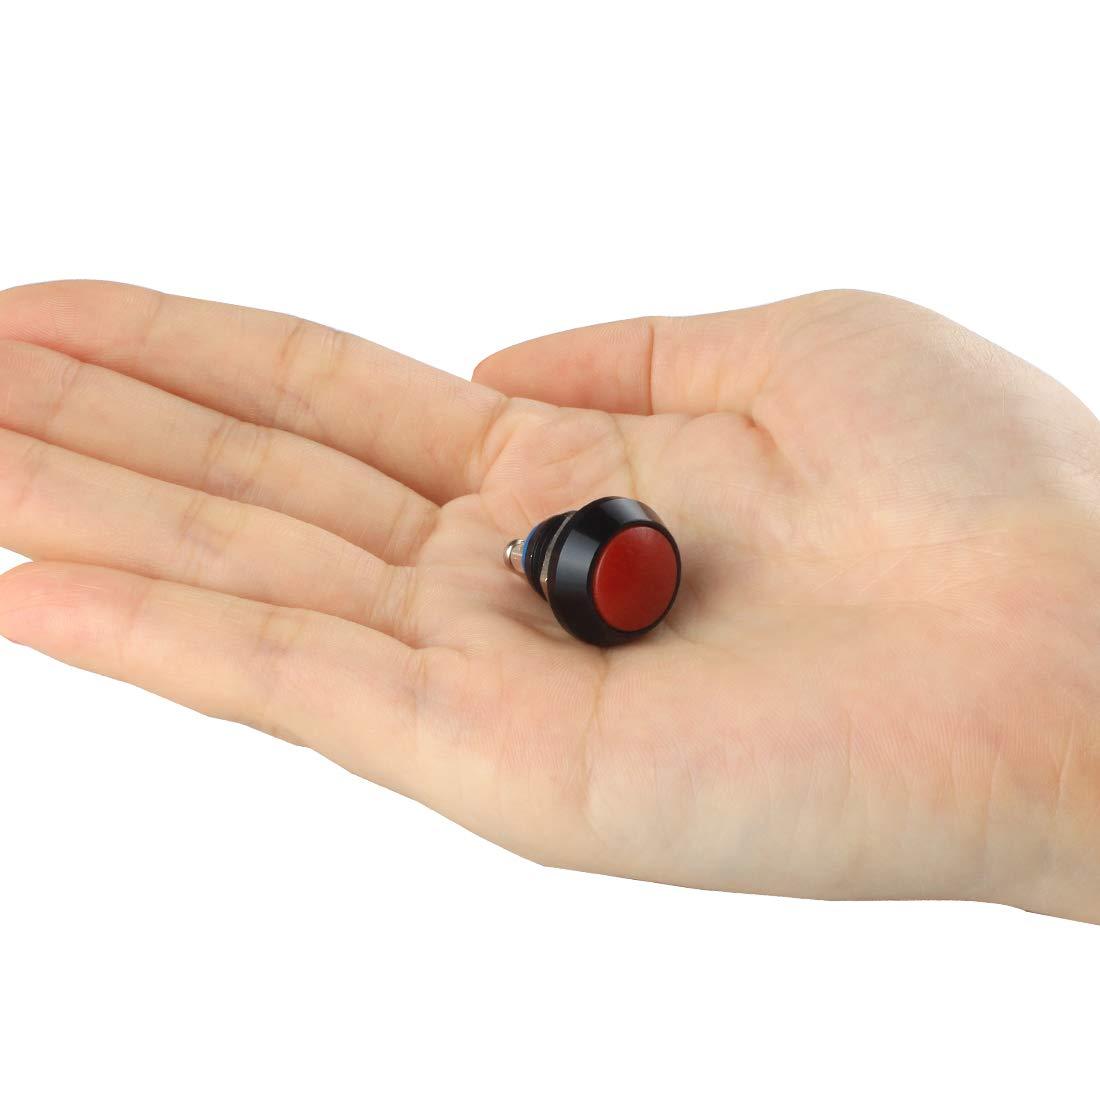 Larcele 12mm Pulsante Momentaneo Mini in Metallo Impermeabile Bottone con Morsetto a Vite,10 Pezzi JSANKG-13 Verde